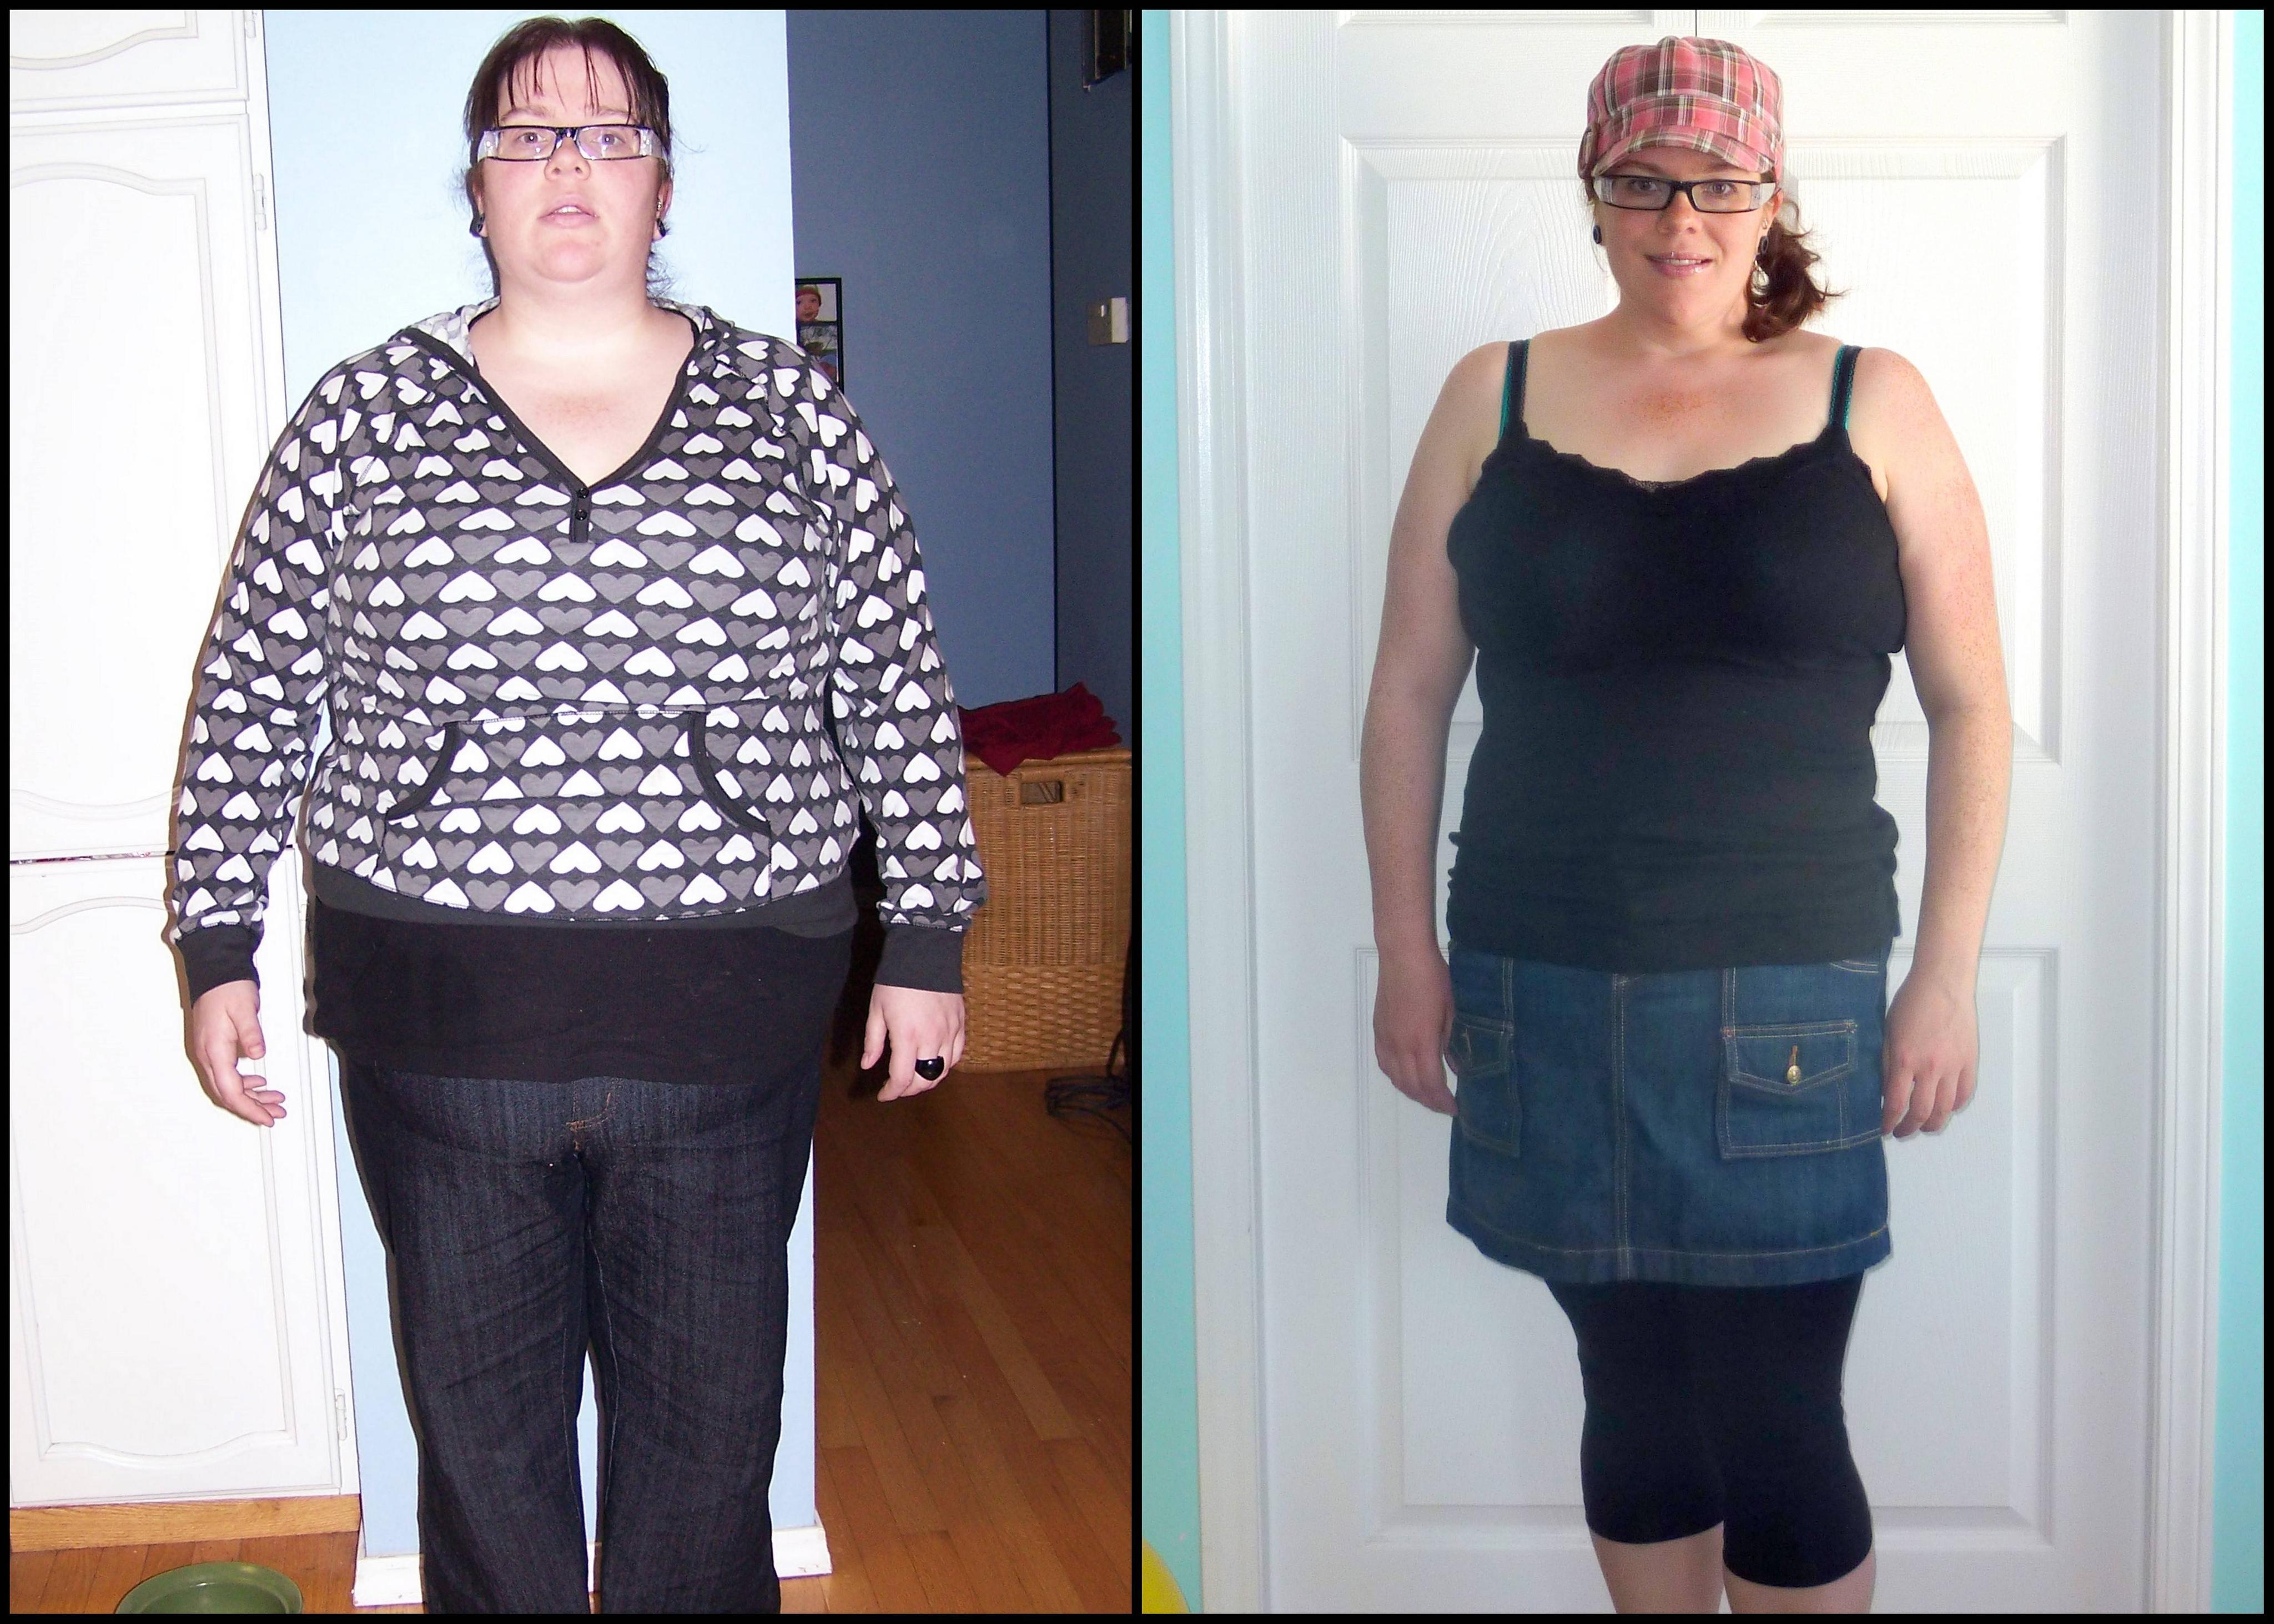 Похудения Отзывы Похудевших. 10 лучших отзывов о похудении